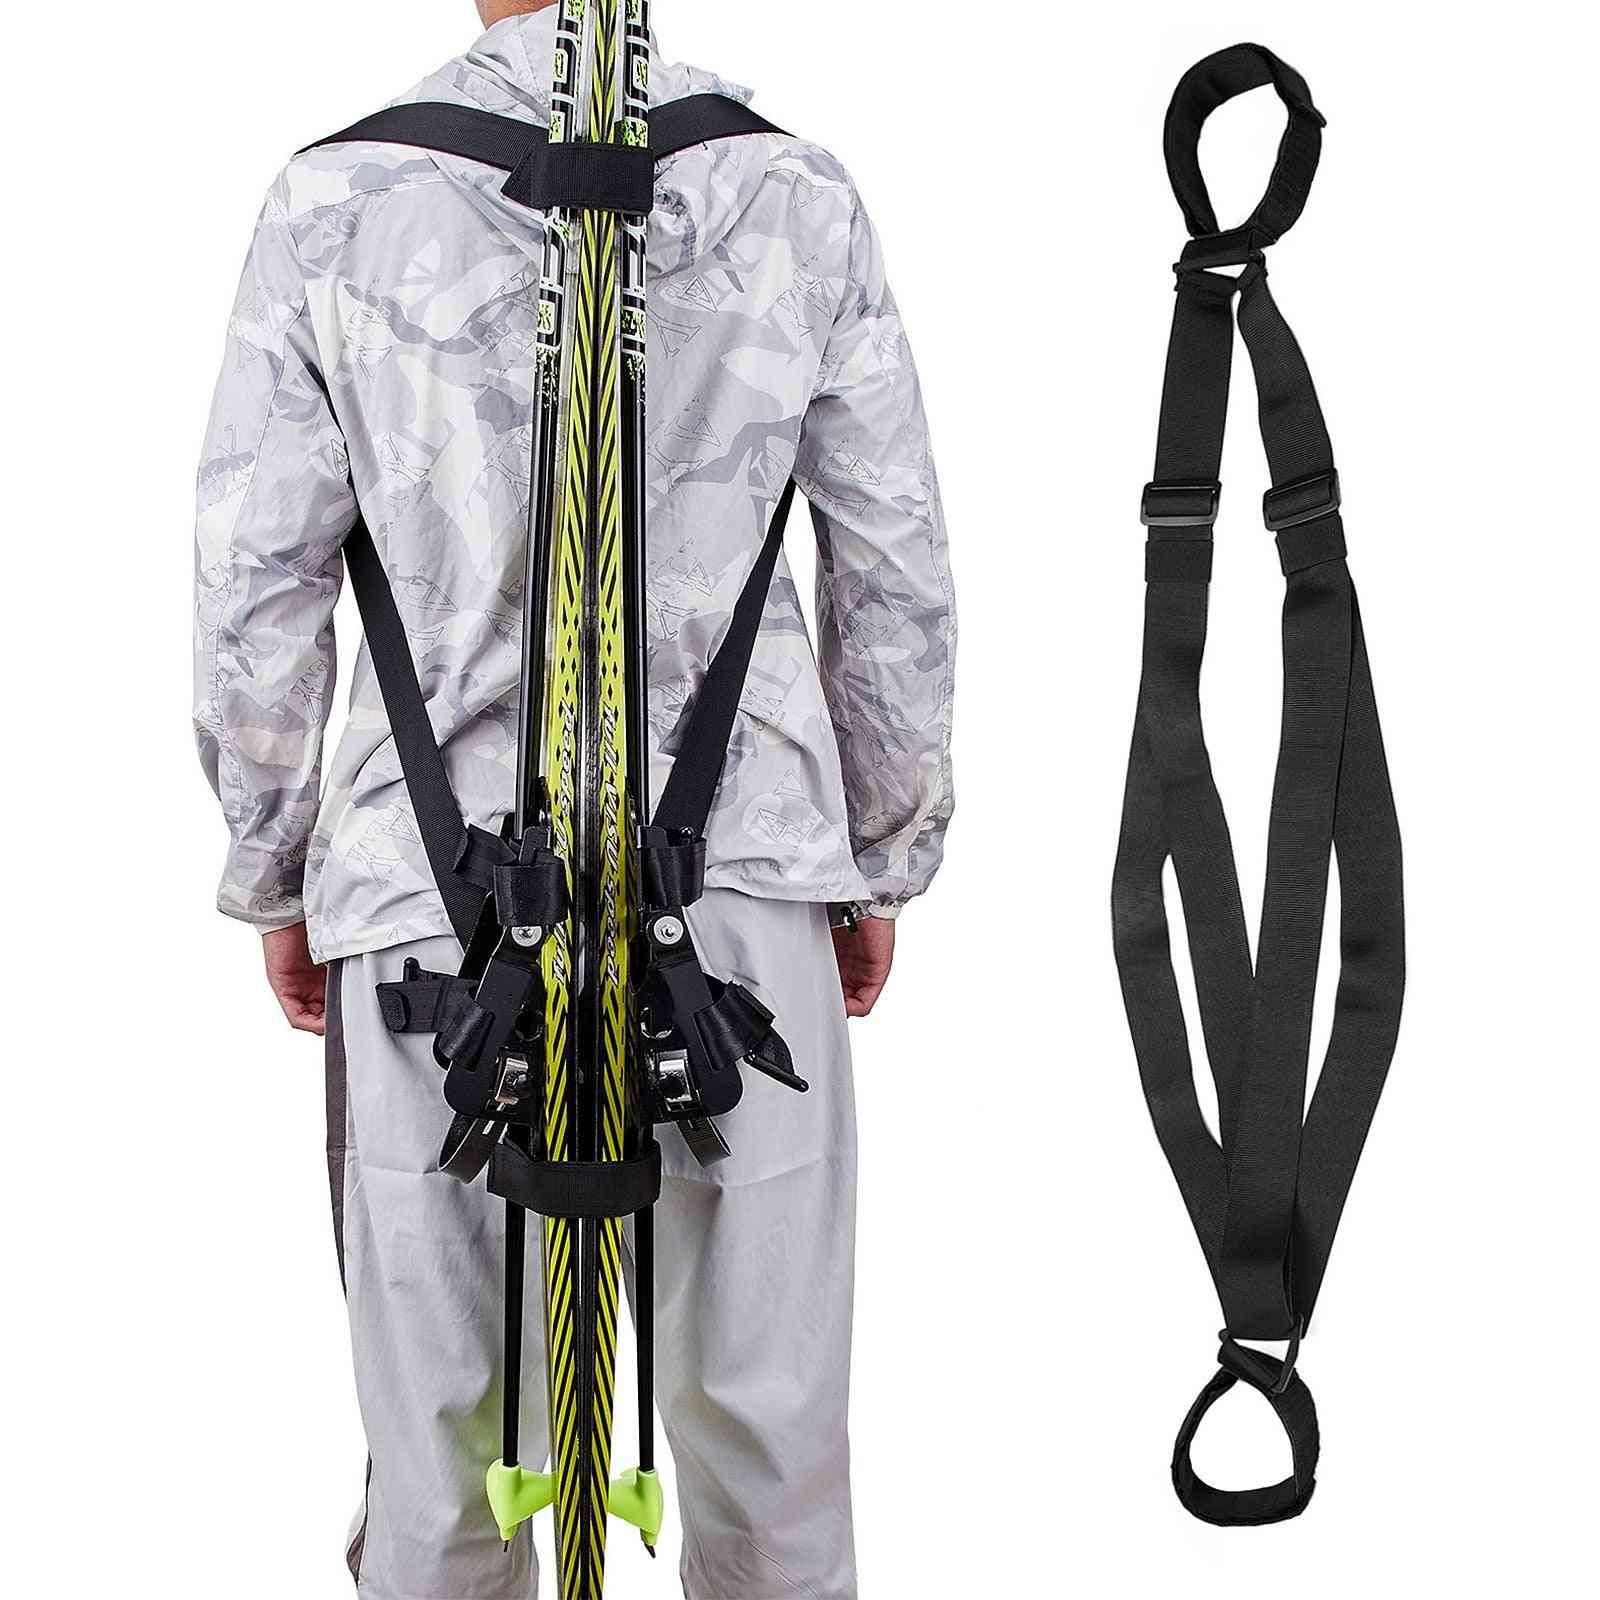 Ski Board Shoulder Belt Fixed Strap Bandage Handheld Adjustable Outdoor Sports